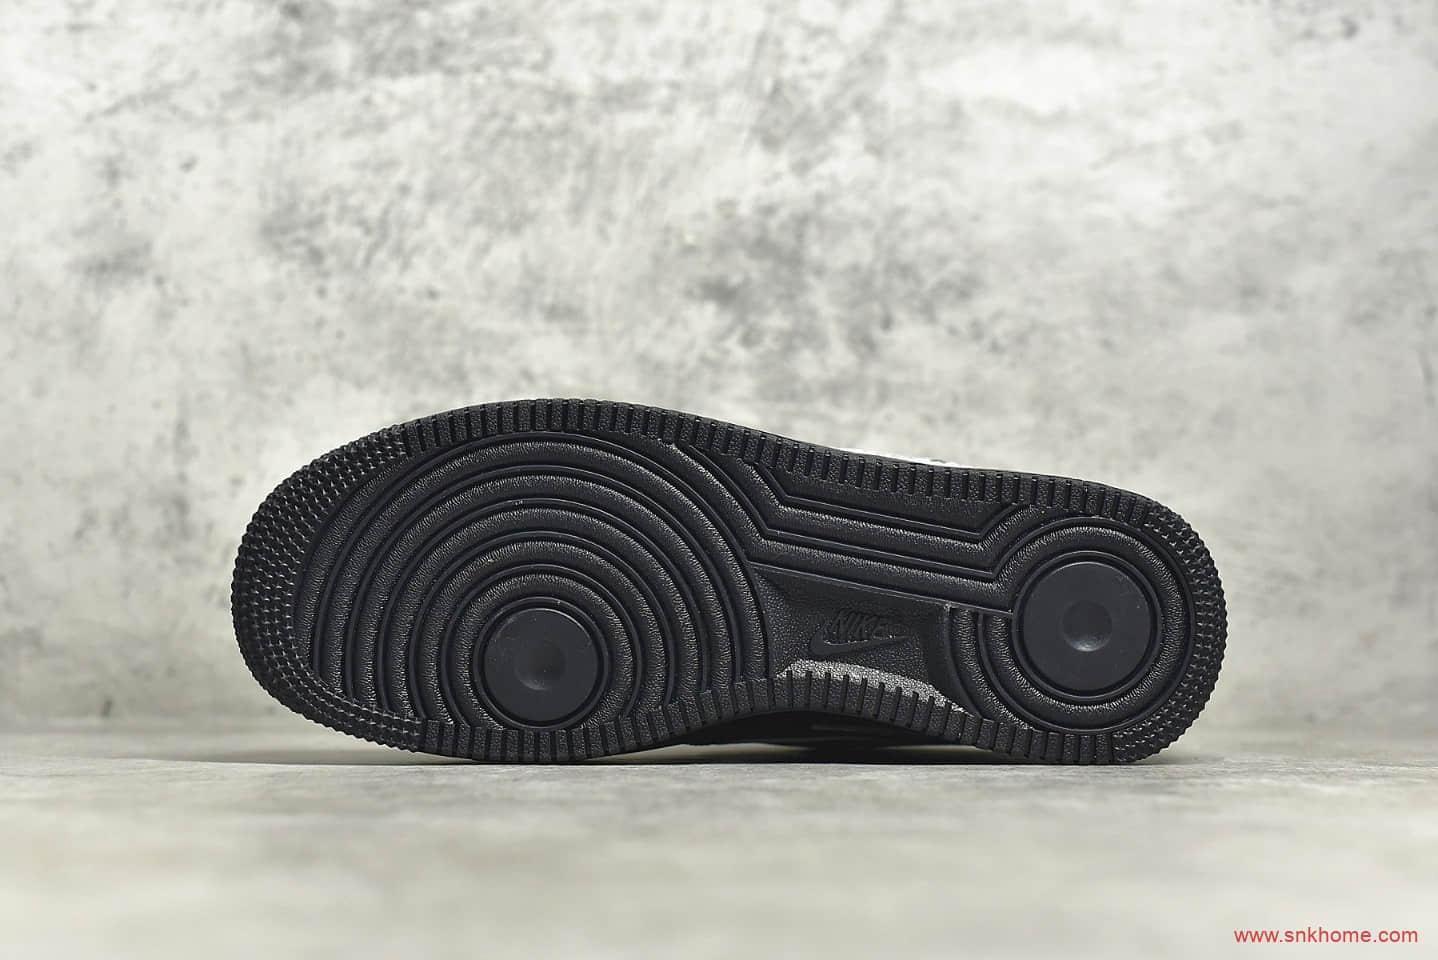 耐克空军一号NBA联名黑色 NIKE AIR FORCE 1 07 LV8 NBA联名 空军一号黑色低帮板鞋 货号:CT2299-001-潮流者之家